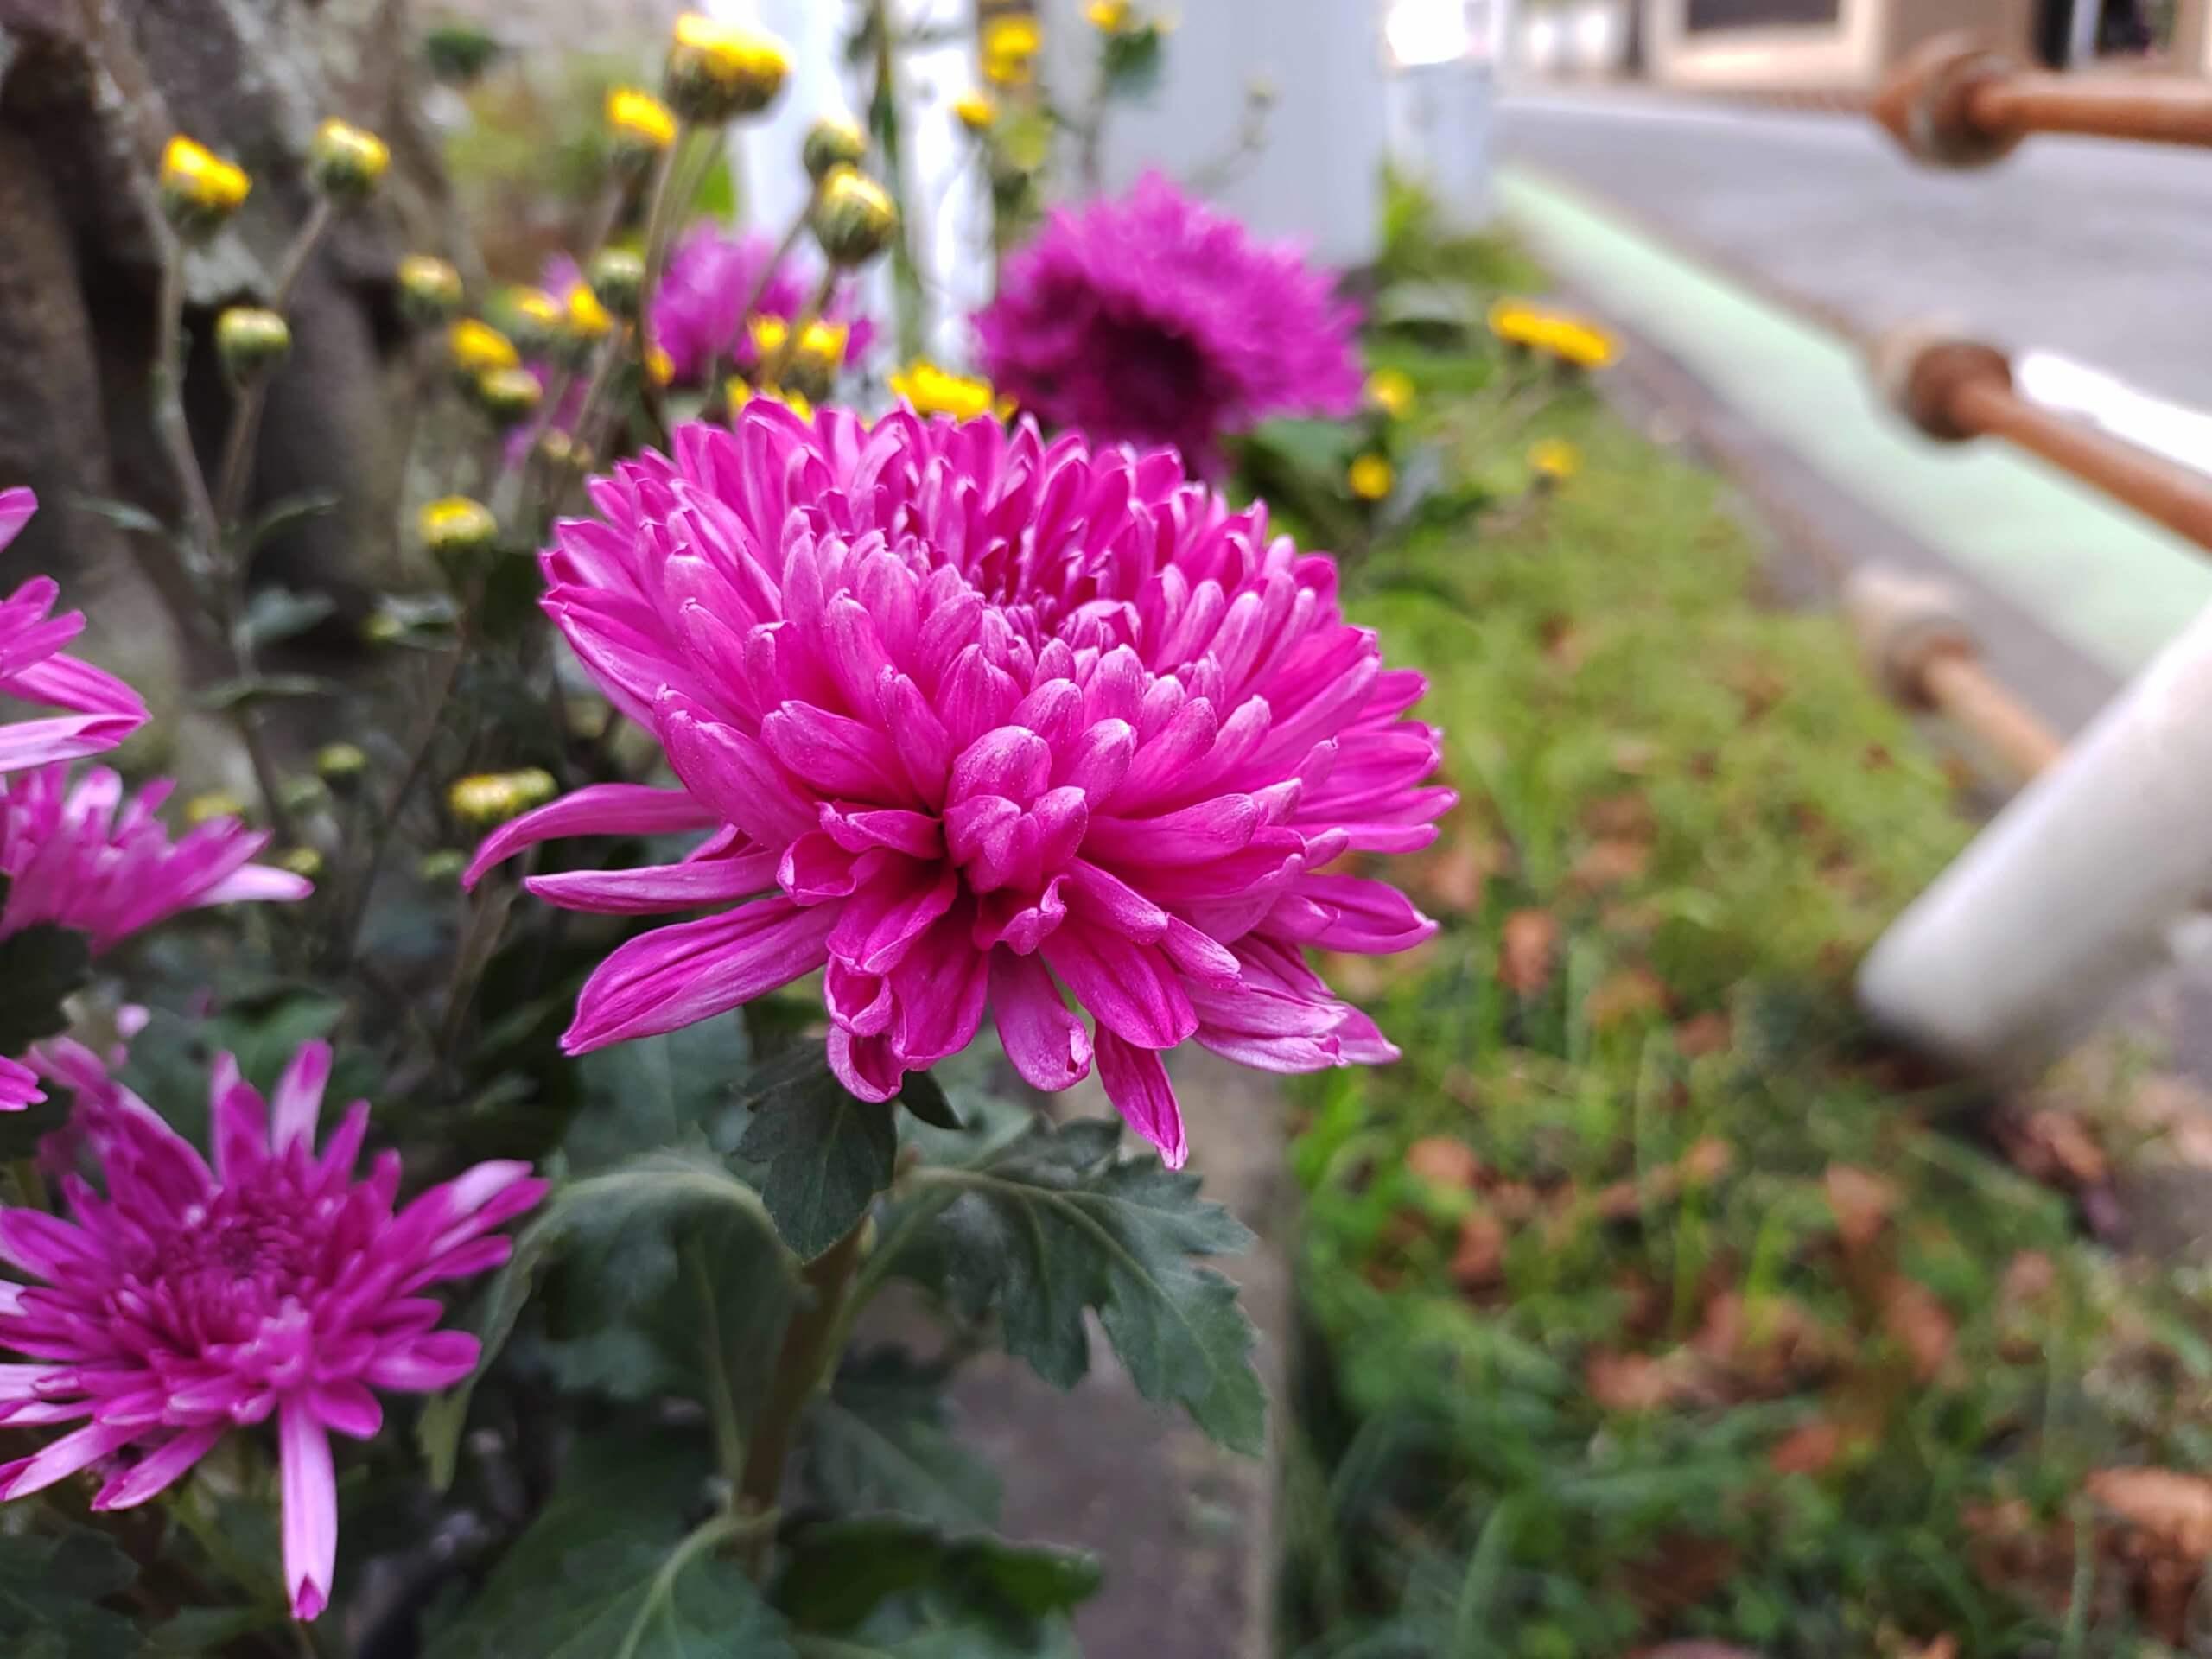 Rakuten Handで撮影した花の写真